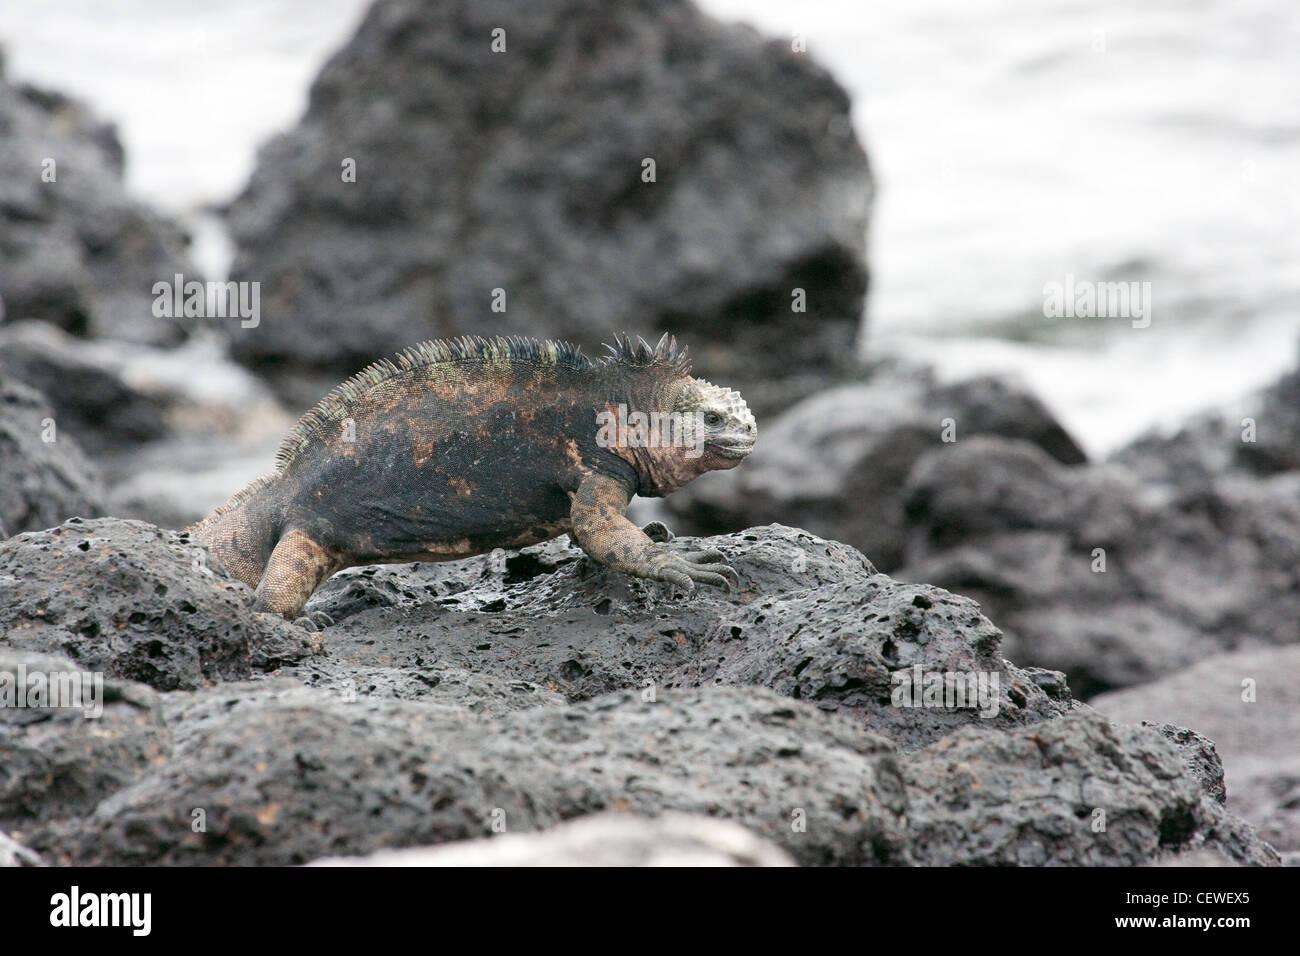 Iguane marin marcher sur les rochers, dans les îles Galápagos Banque D'Images